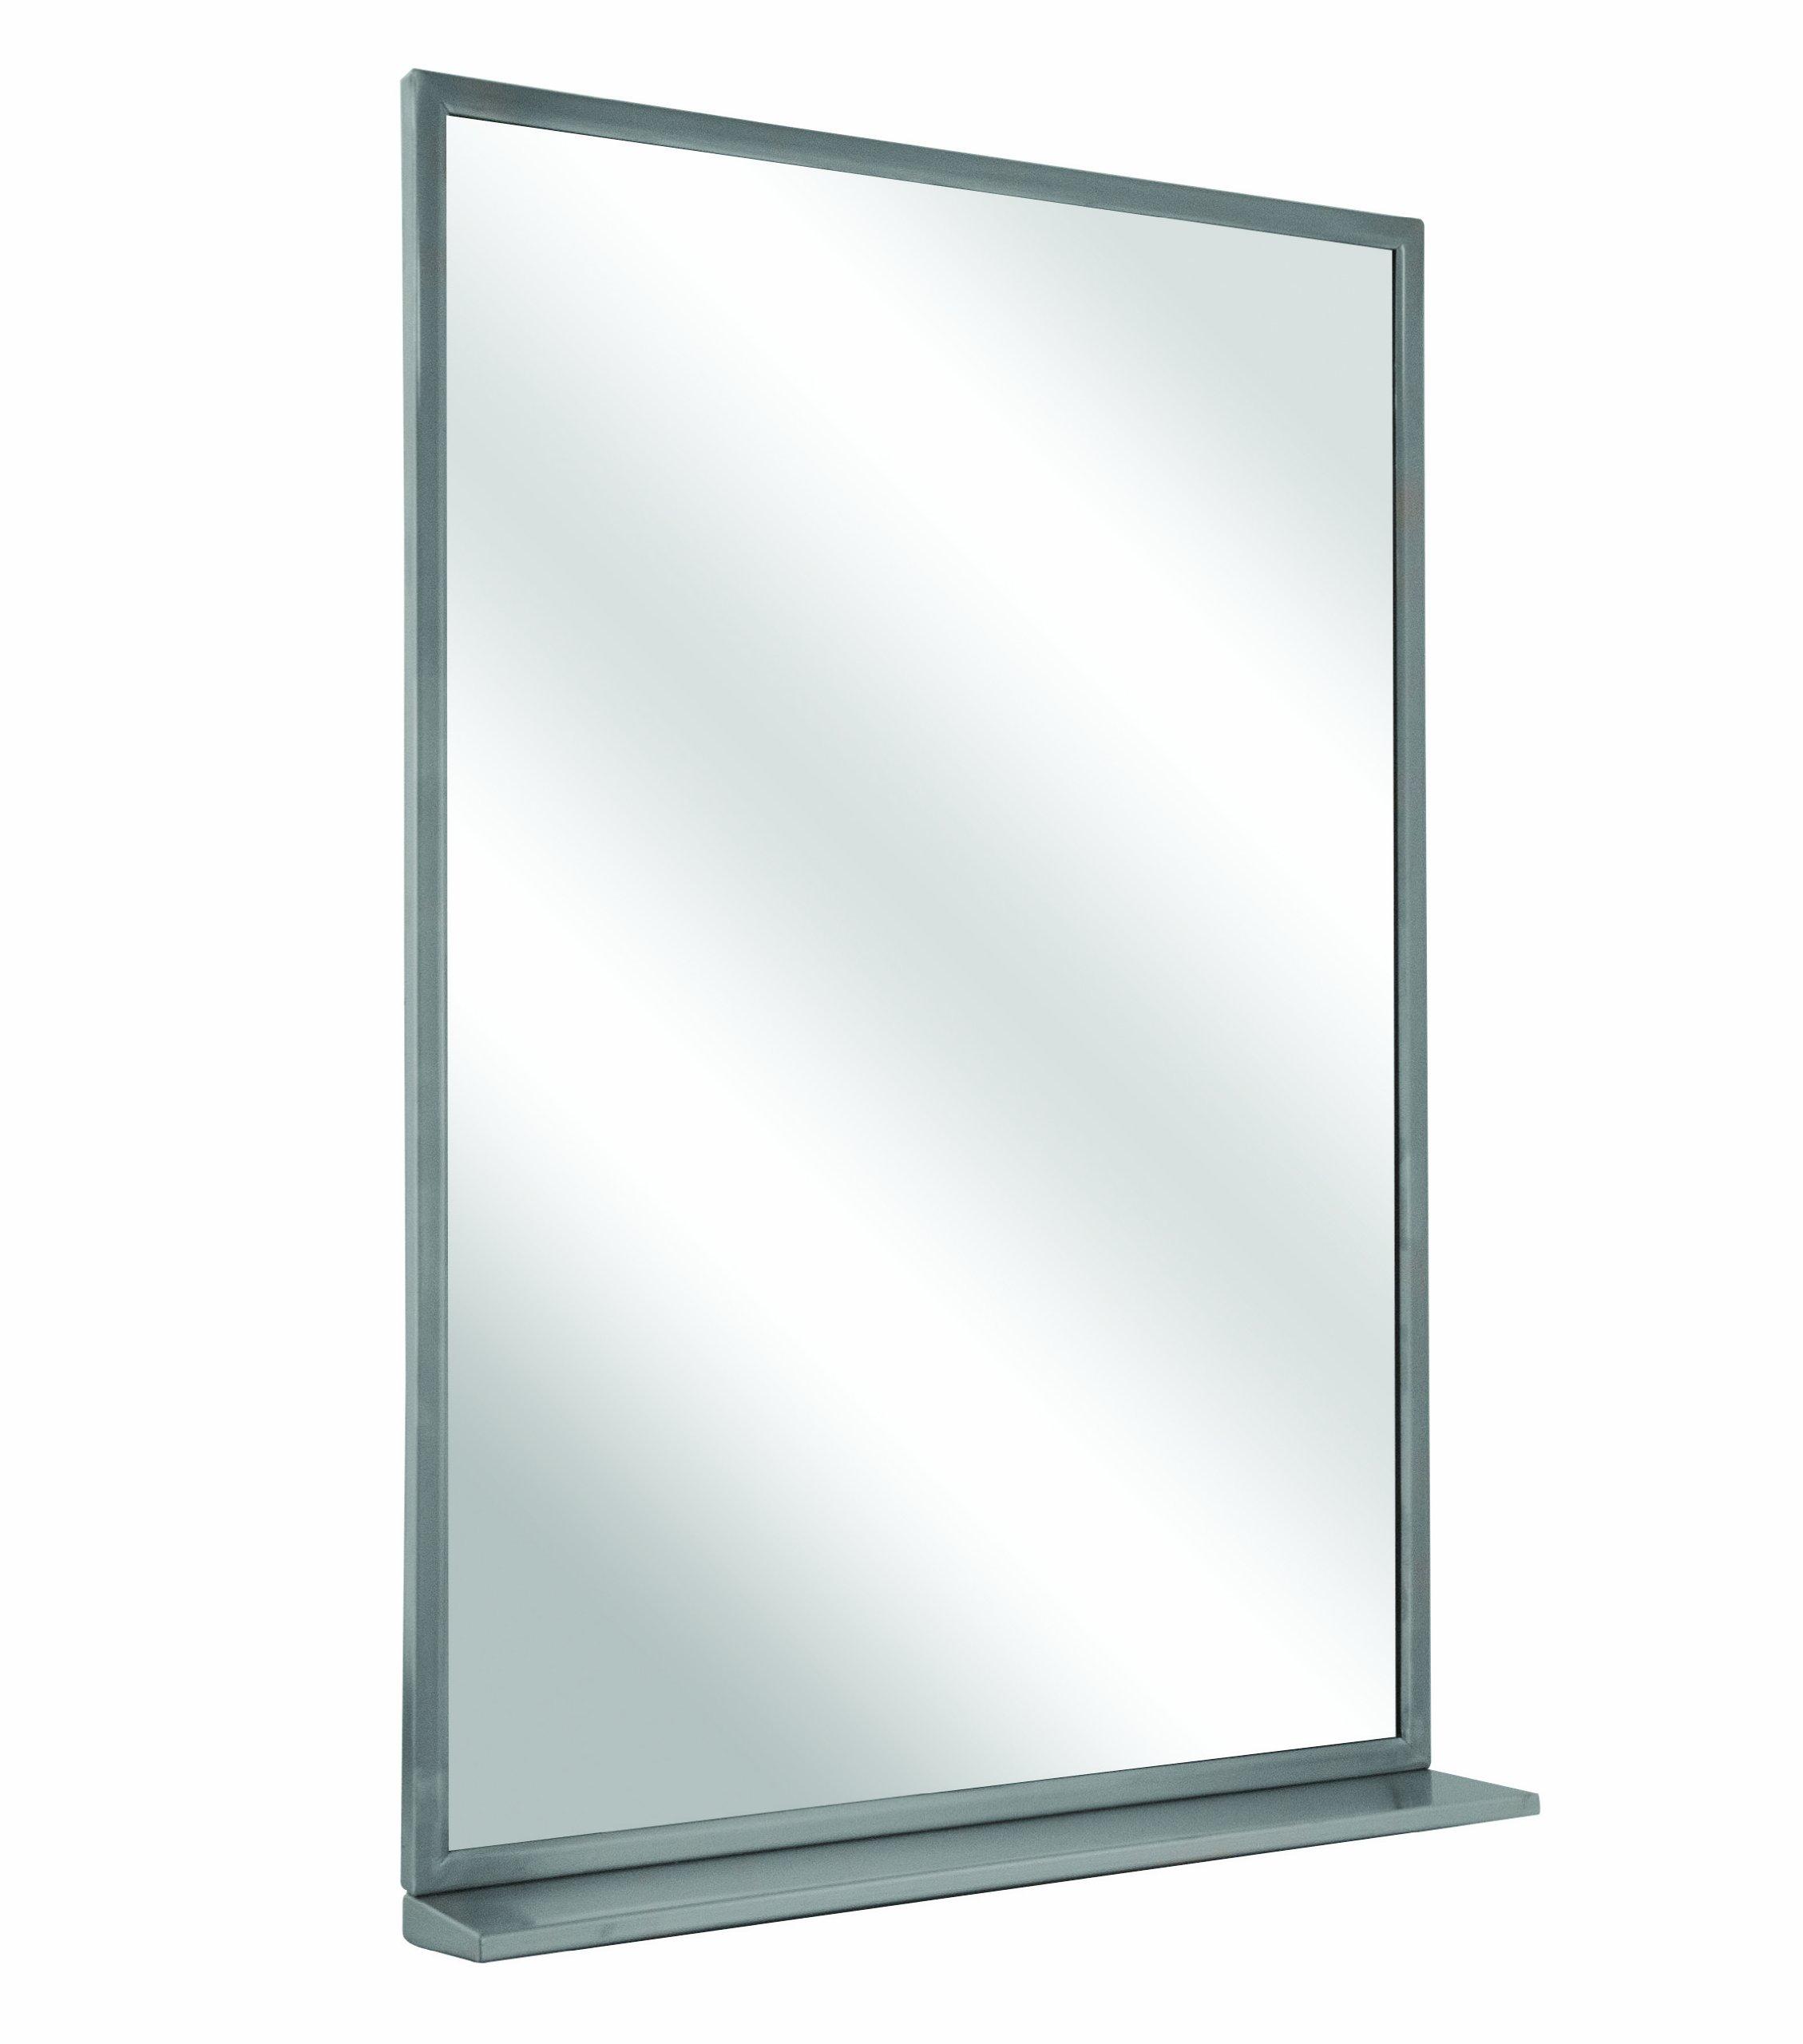 Bradley 7805-018360 Float Glass Angle Frame Mirror with Shelf, 18'' Width x 36'' Height